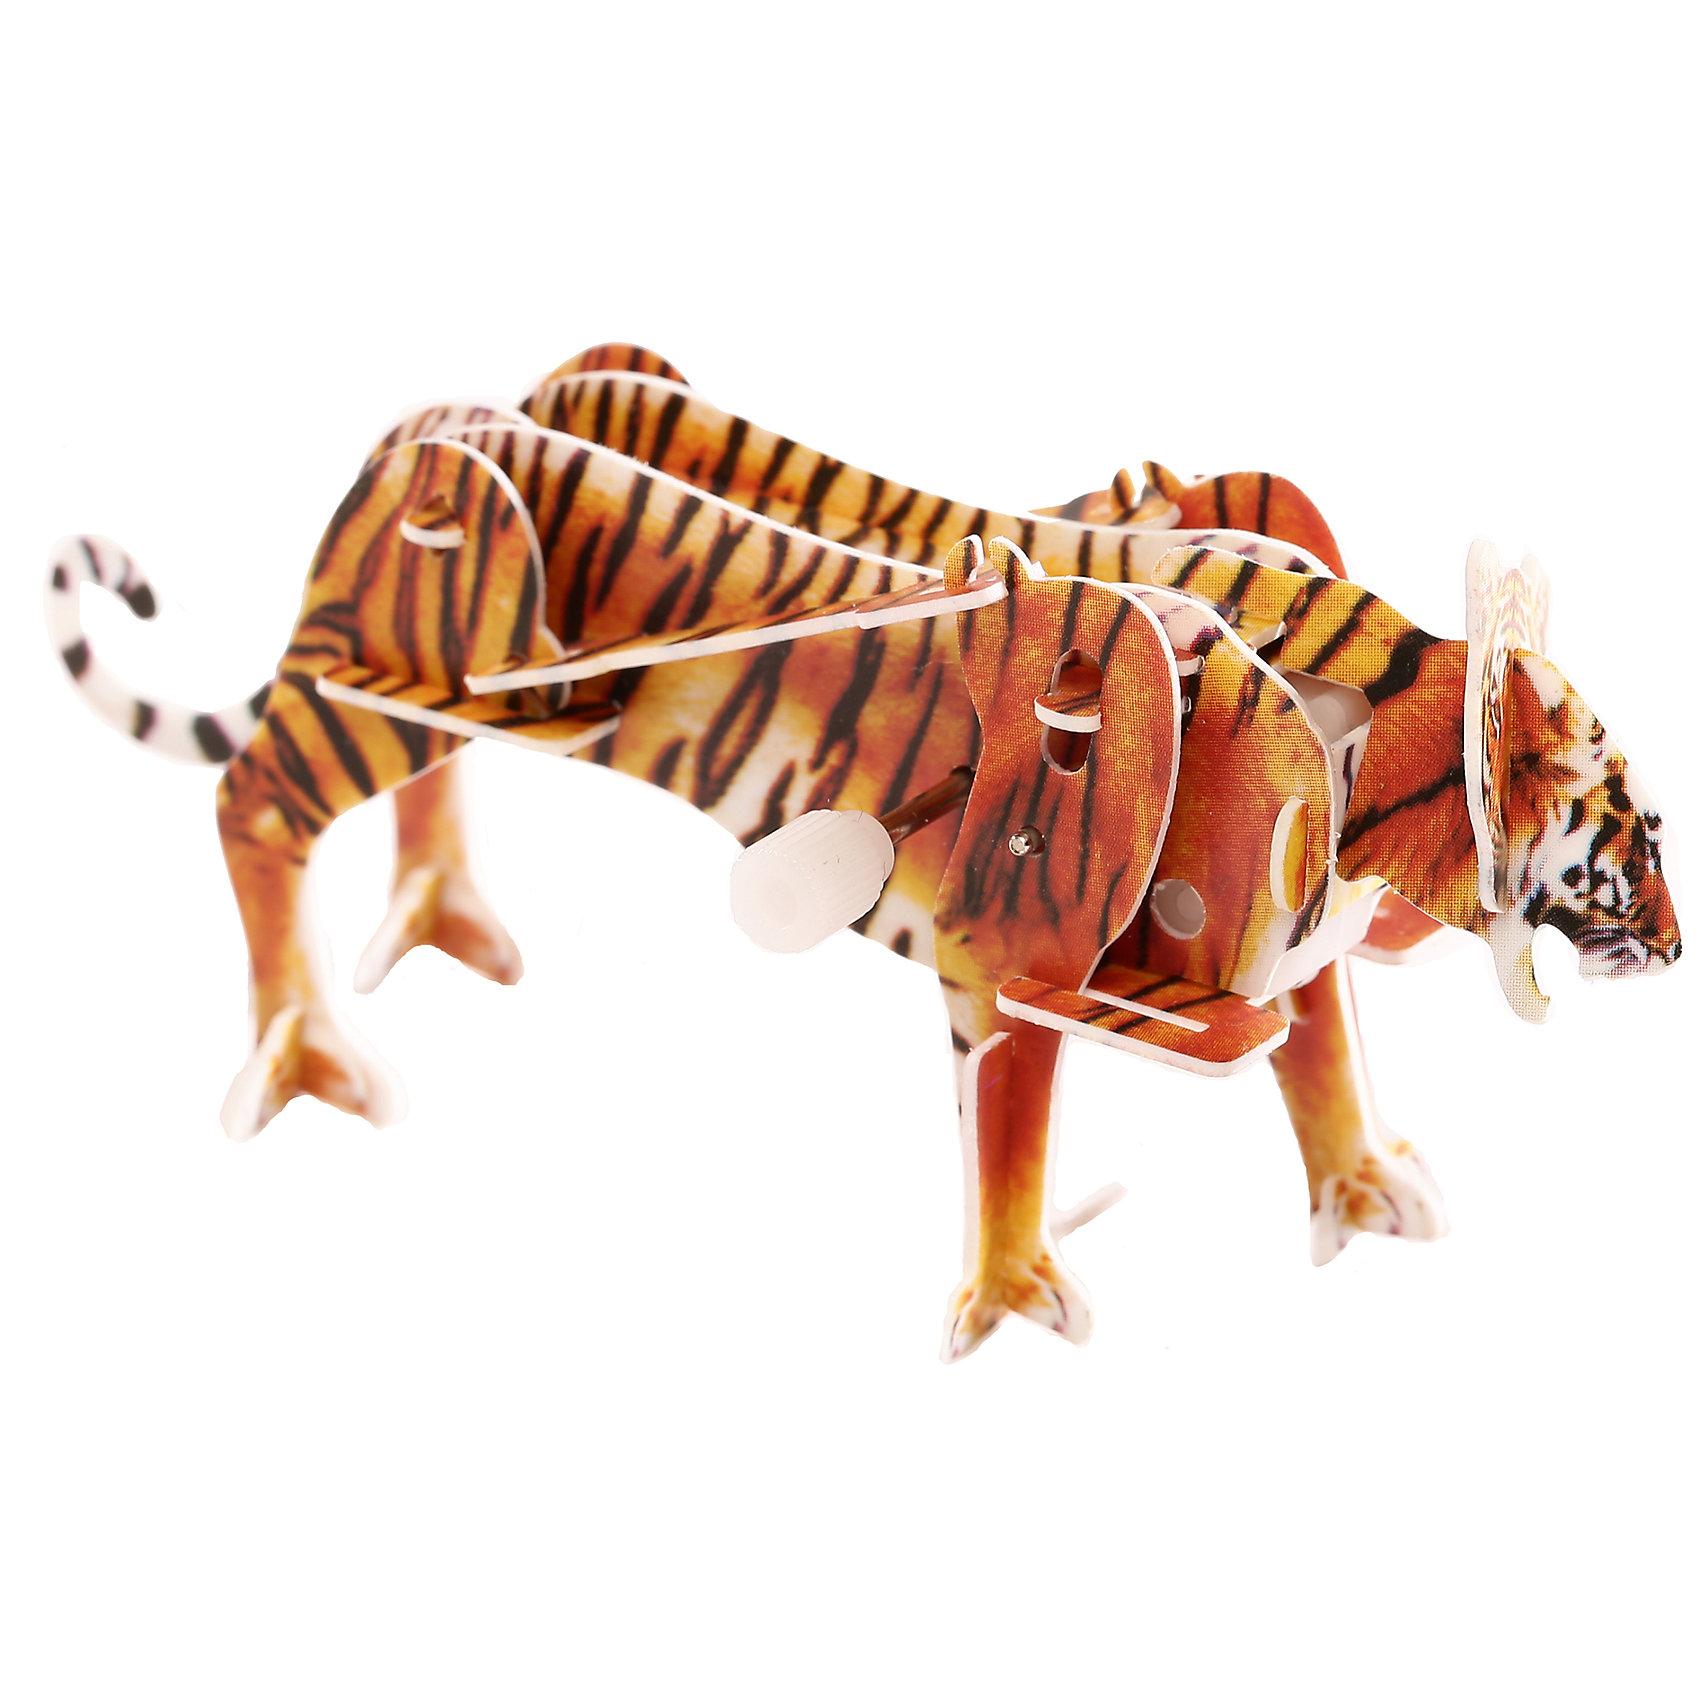 Конструктор – 3D пазл заводной: Тигр, UFПластмассовые конструкторы<br>Пазл «Тигр» собирается из пластиковых деталей. Их нужно просто выдавить из специальных листов, а потом собрать вместе в виде единого пазла (не используя клей). Среди деталей имеется небольшой заводной механизм. Он соединяется с деталями пазла и приводит его в движение. В итоге у ребенка получится необычная фигурка тигра, которая способна двигаться, пока не кончится заряд. Сборка пазла тренирует моторику и пространственное мышление.<br><br>Ширина мм: 135<br>Глубина мм: 100<br>Высота мм: 25<br>Вес г: 47<br>Возраст от месяцев: 72<br>Возраст до месяцев: 1188<br>Пол: Унисекс<br>Возраст: Детский<br>SKU: 5516762